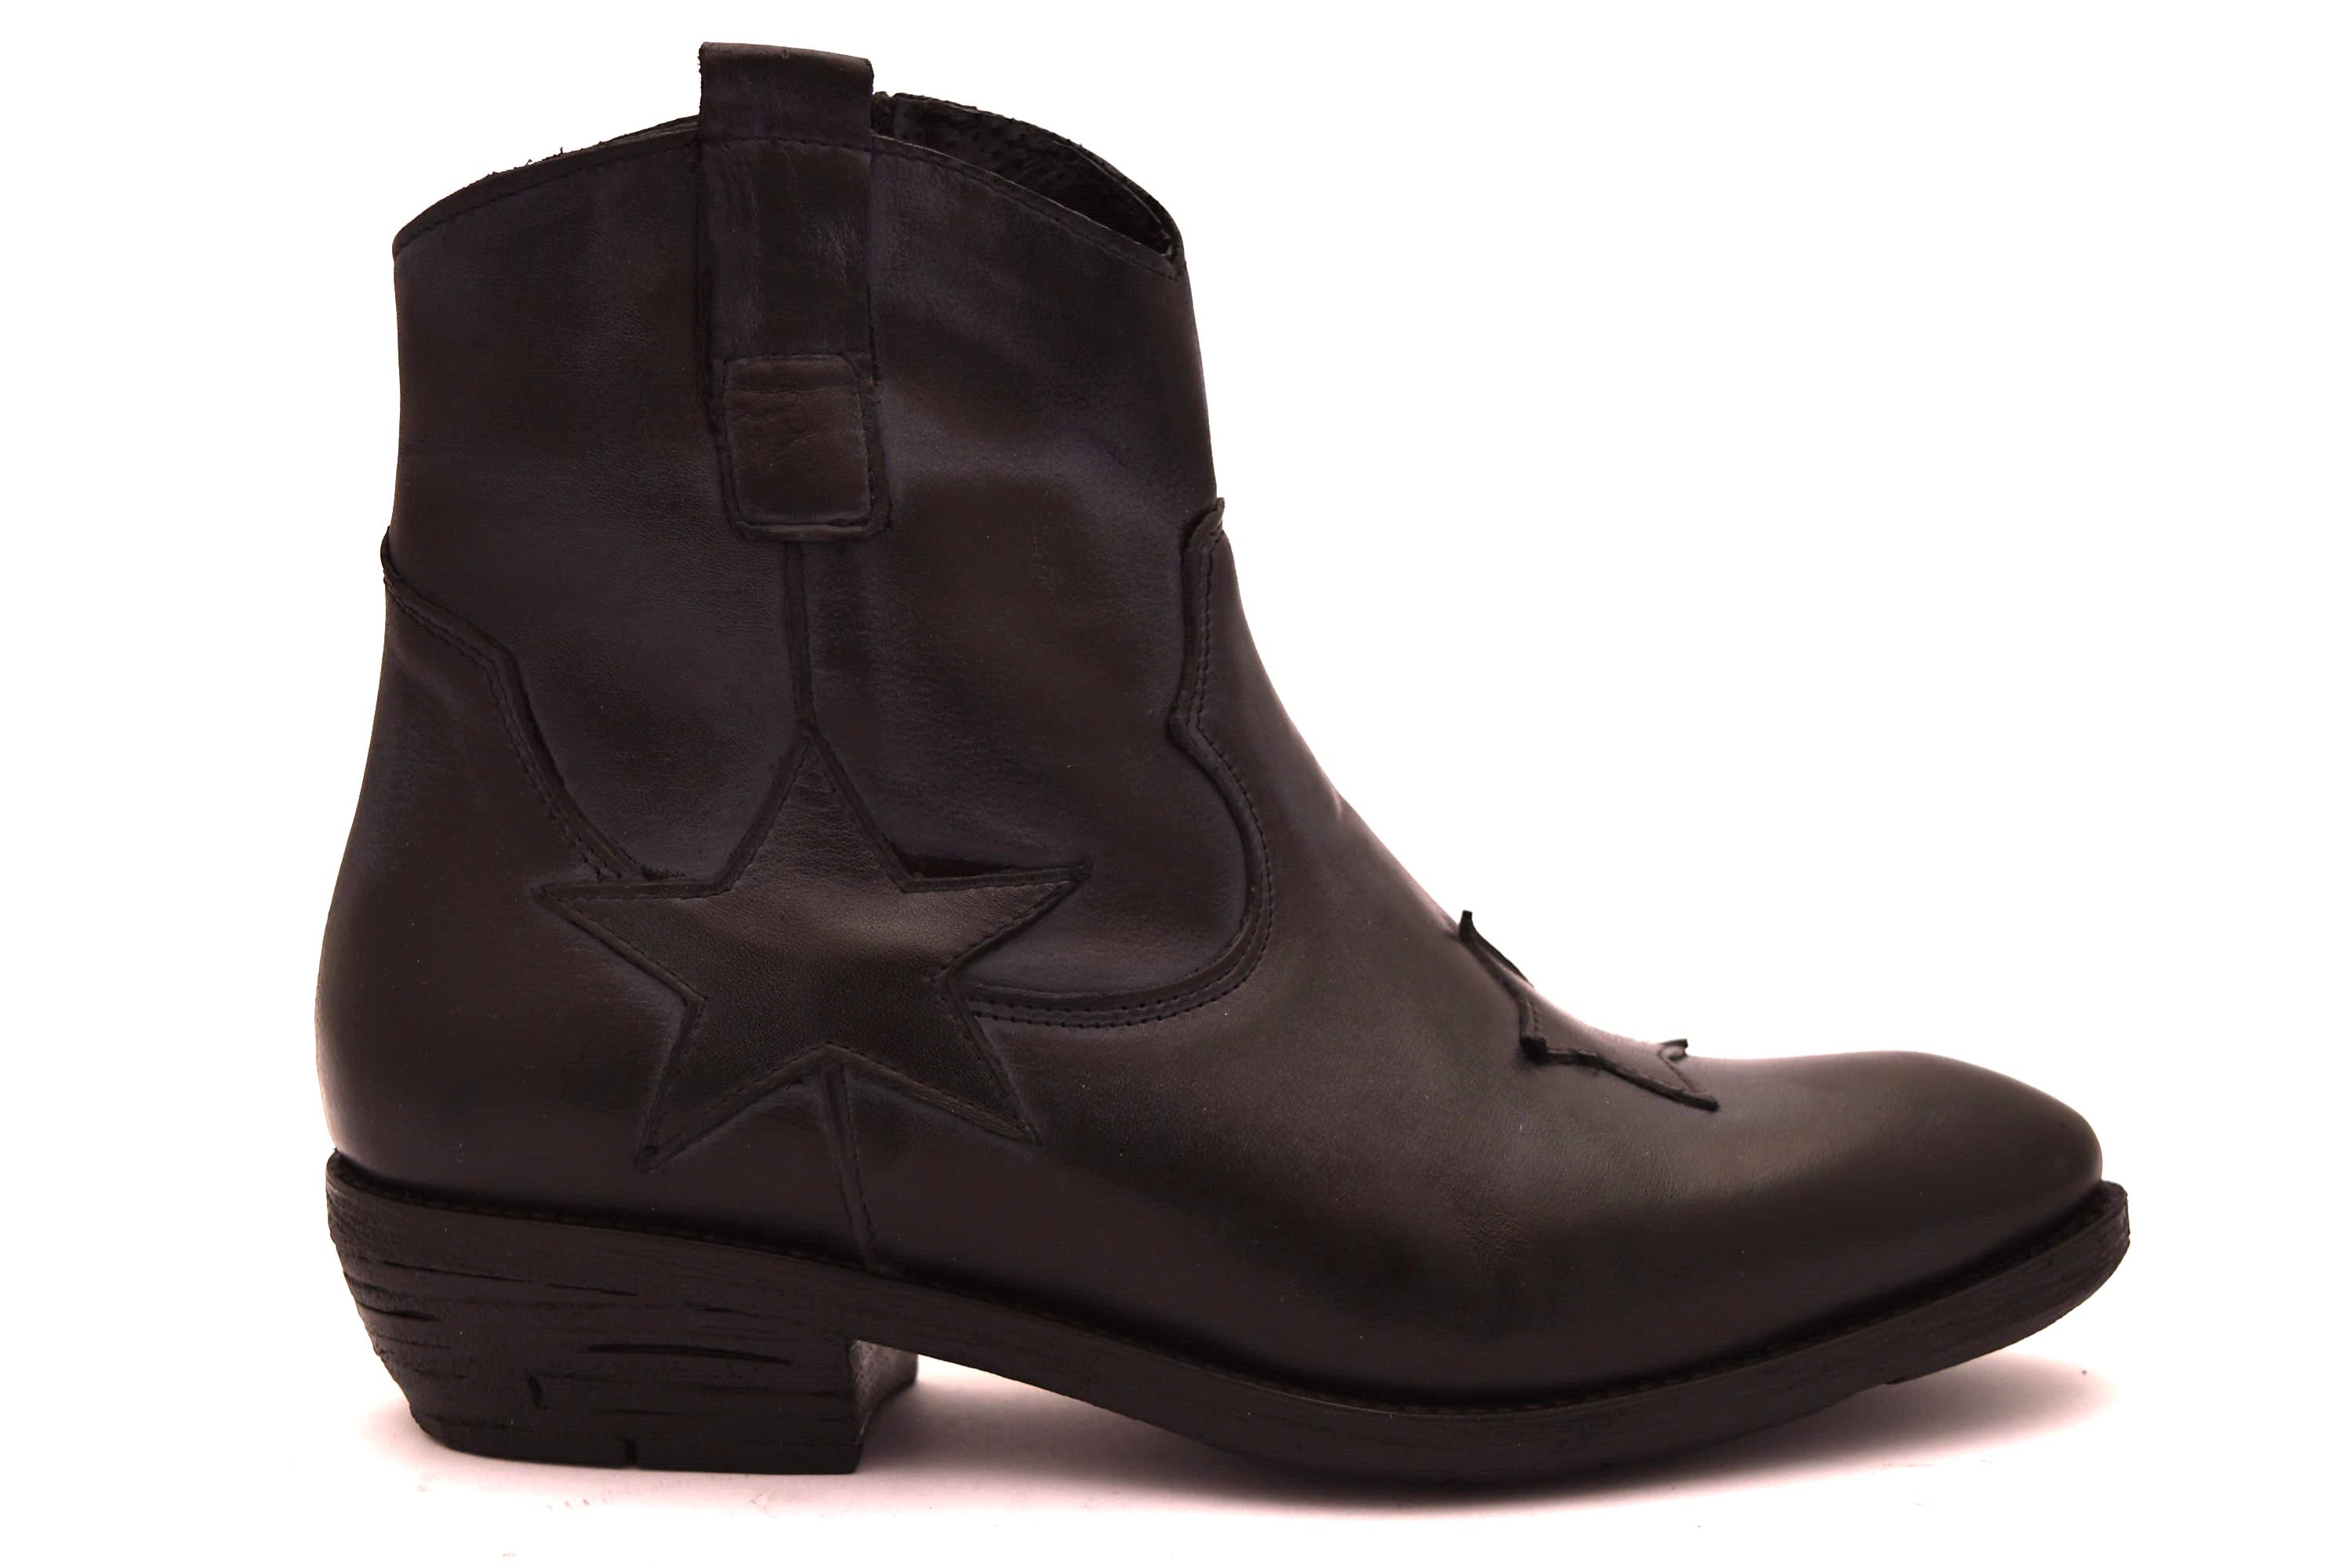 PAOLA FIRENZE STELLA B NERO Texani donna   shoesmyfriends.it